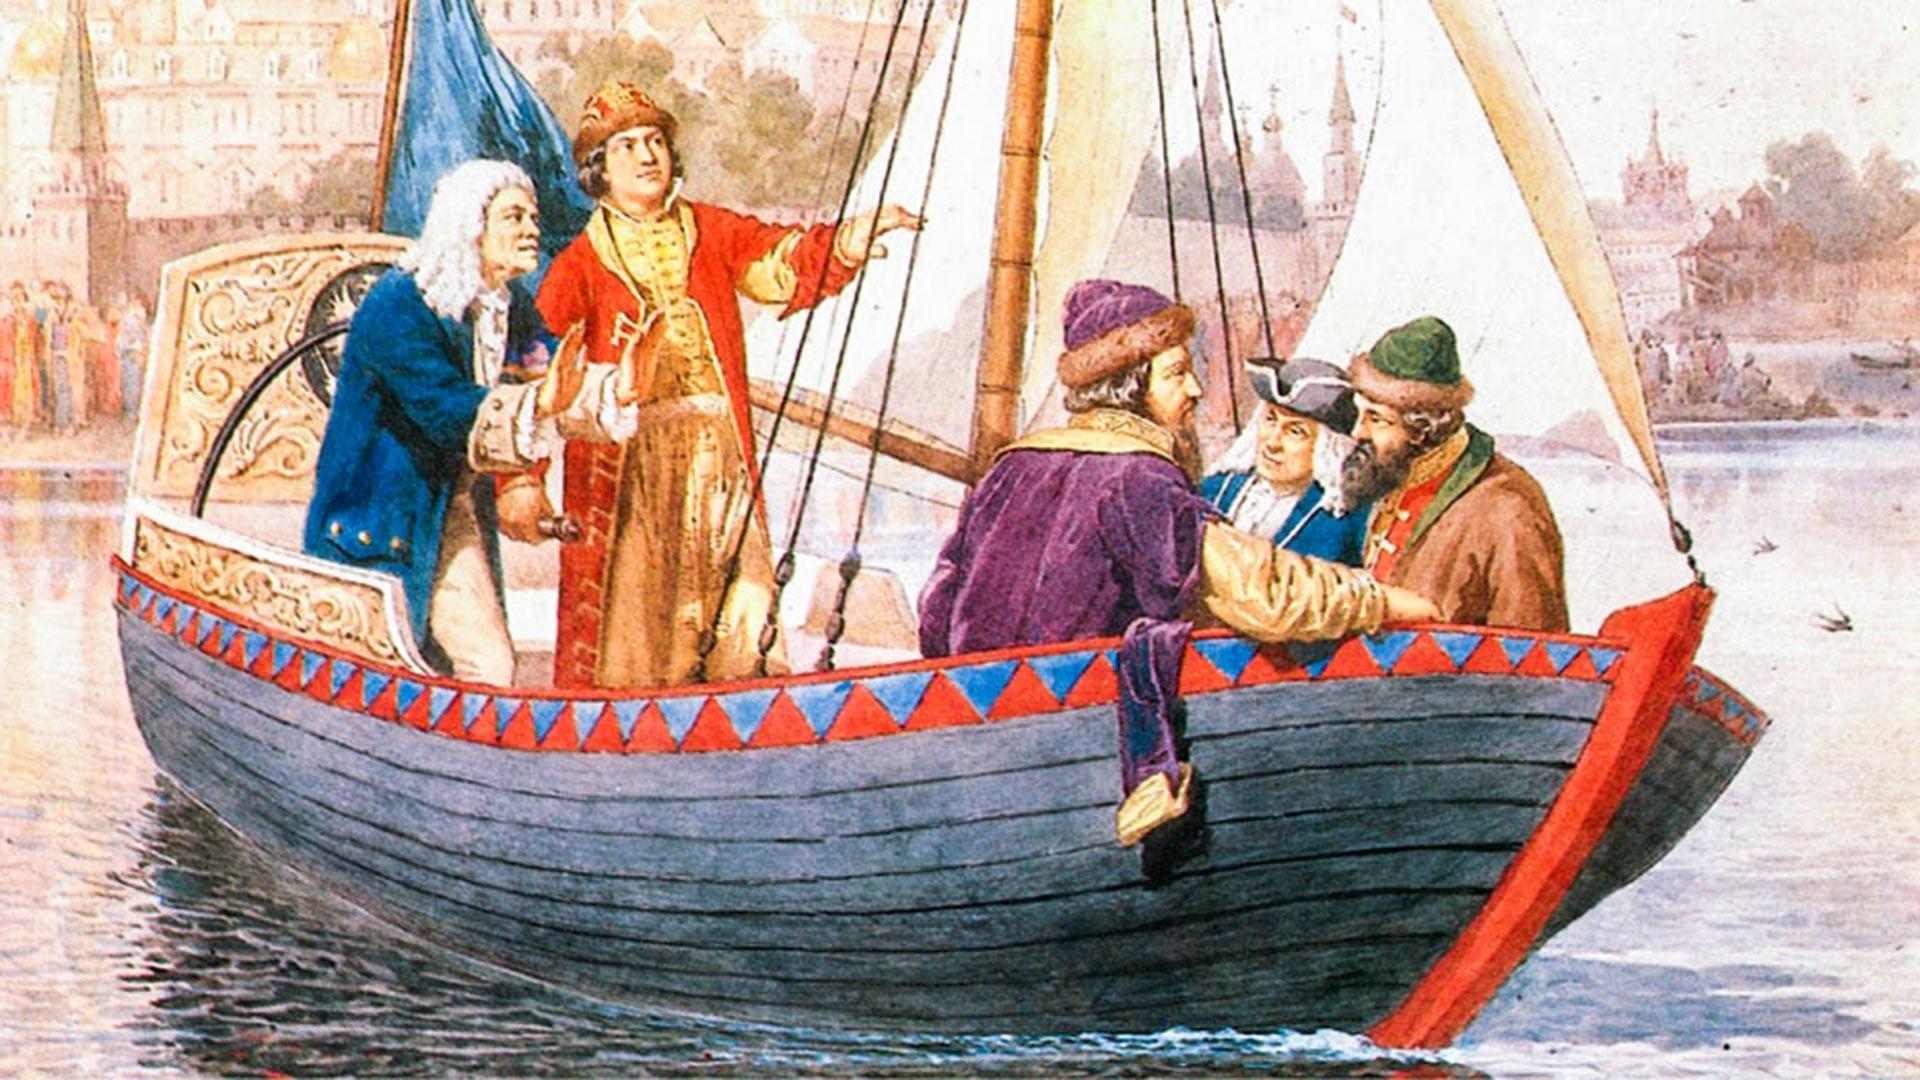 Peter der Große auf seinem ersten Segelboot